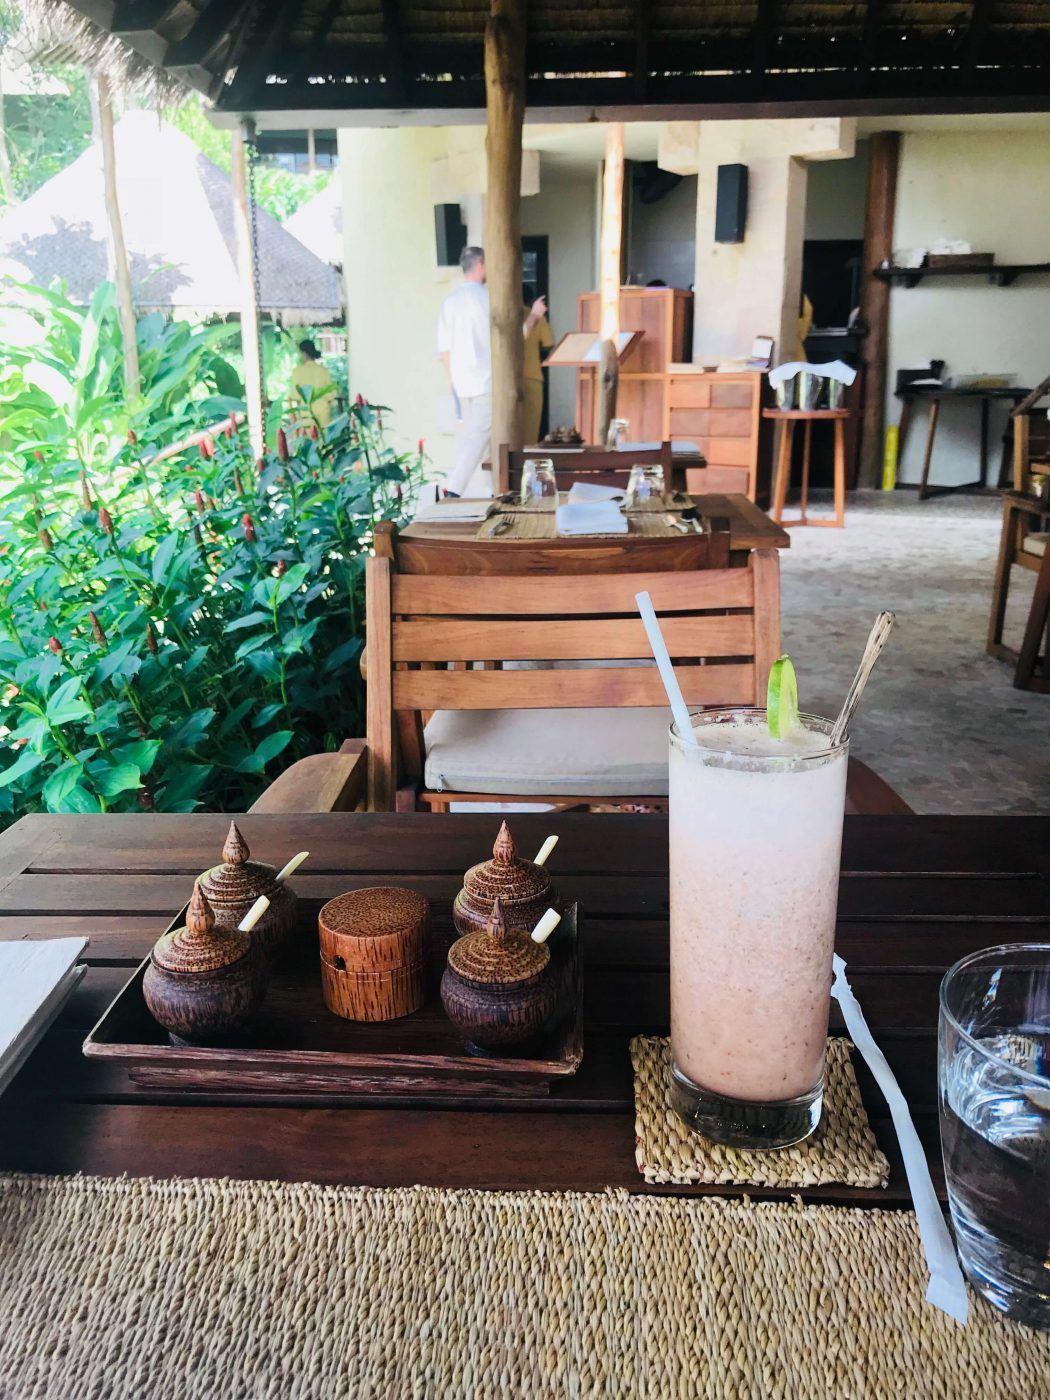 strawberry juice at kamalaya